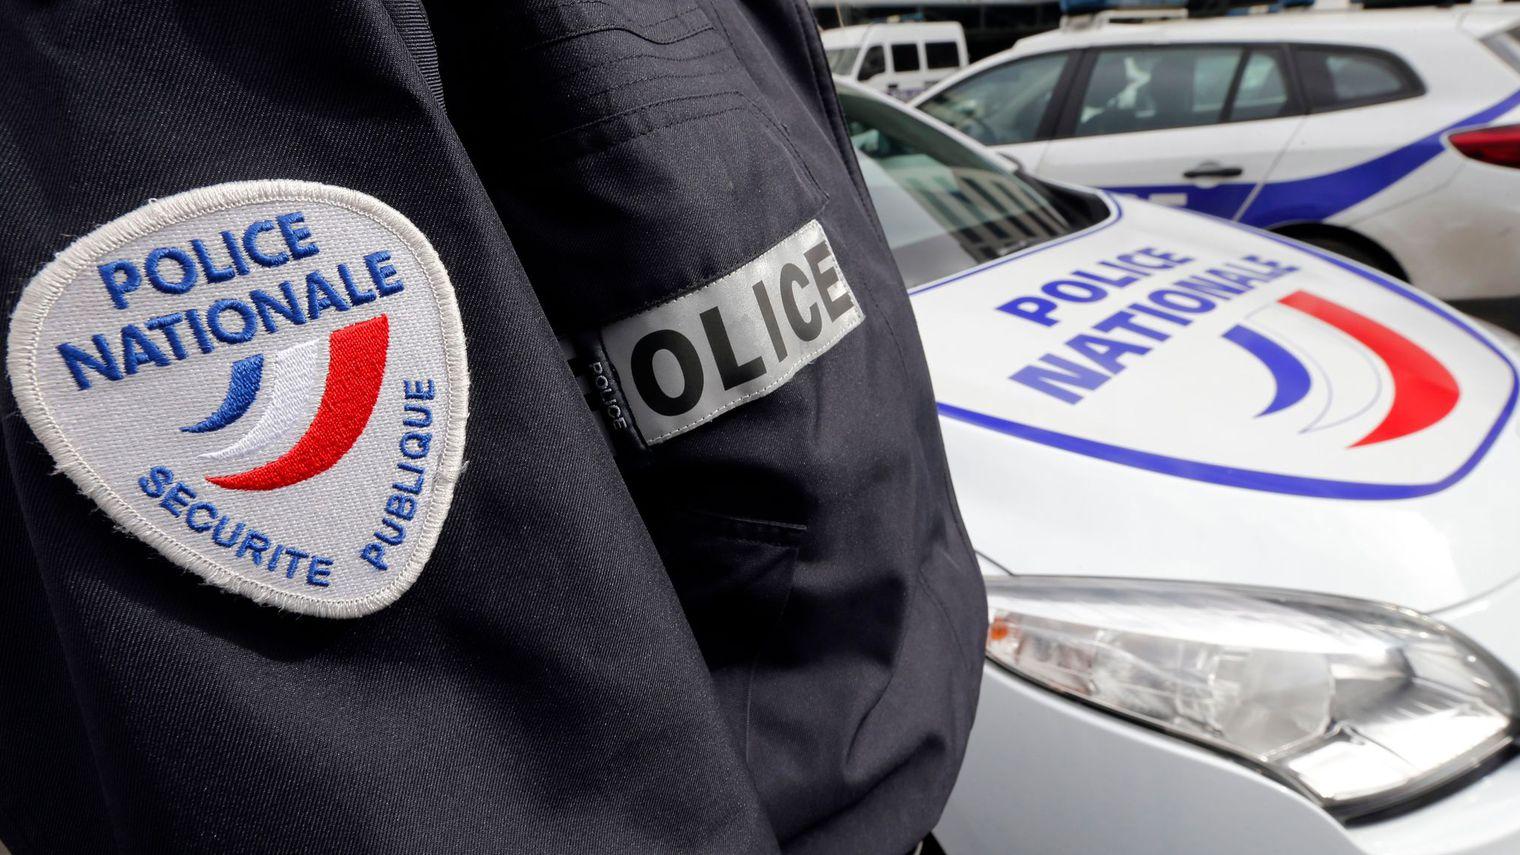 Jihad: un autre mineur de 15 ans soupçonné de vouloir passer à l'acte écroué samedi